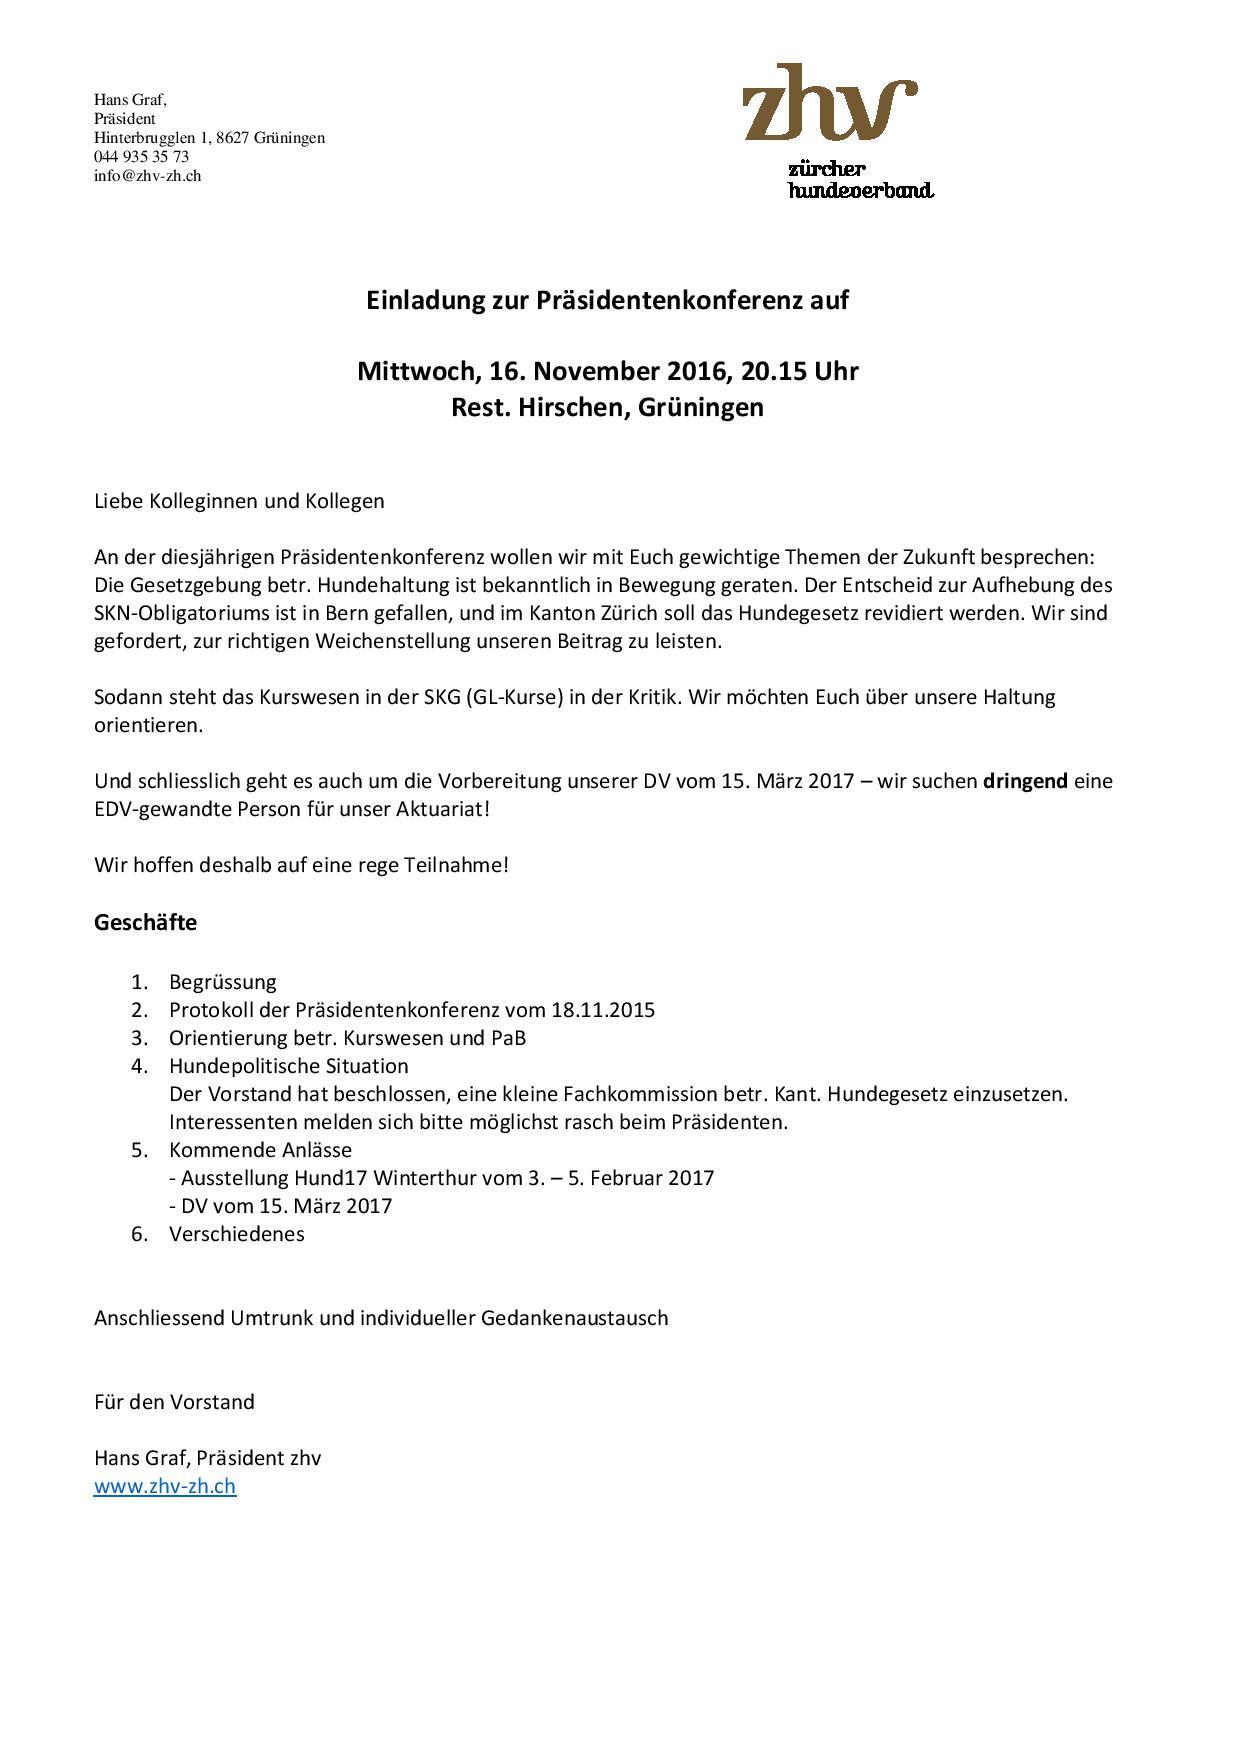 einladung zhv-präsidentenkonferenz - zürcher hundeverband, Einladung